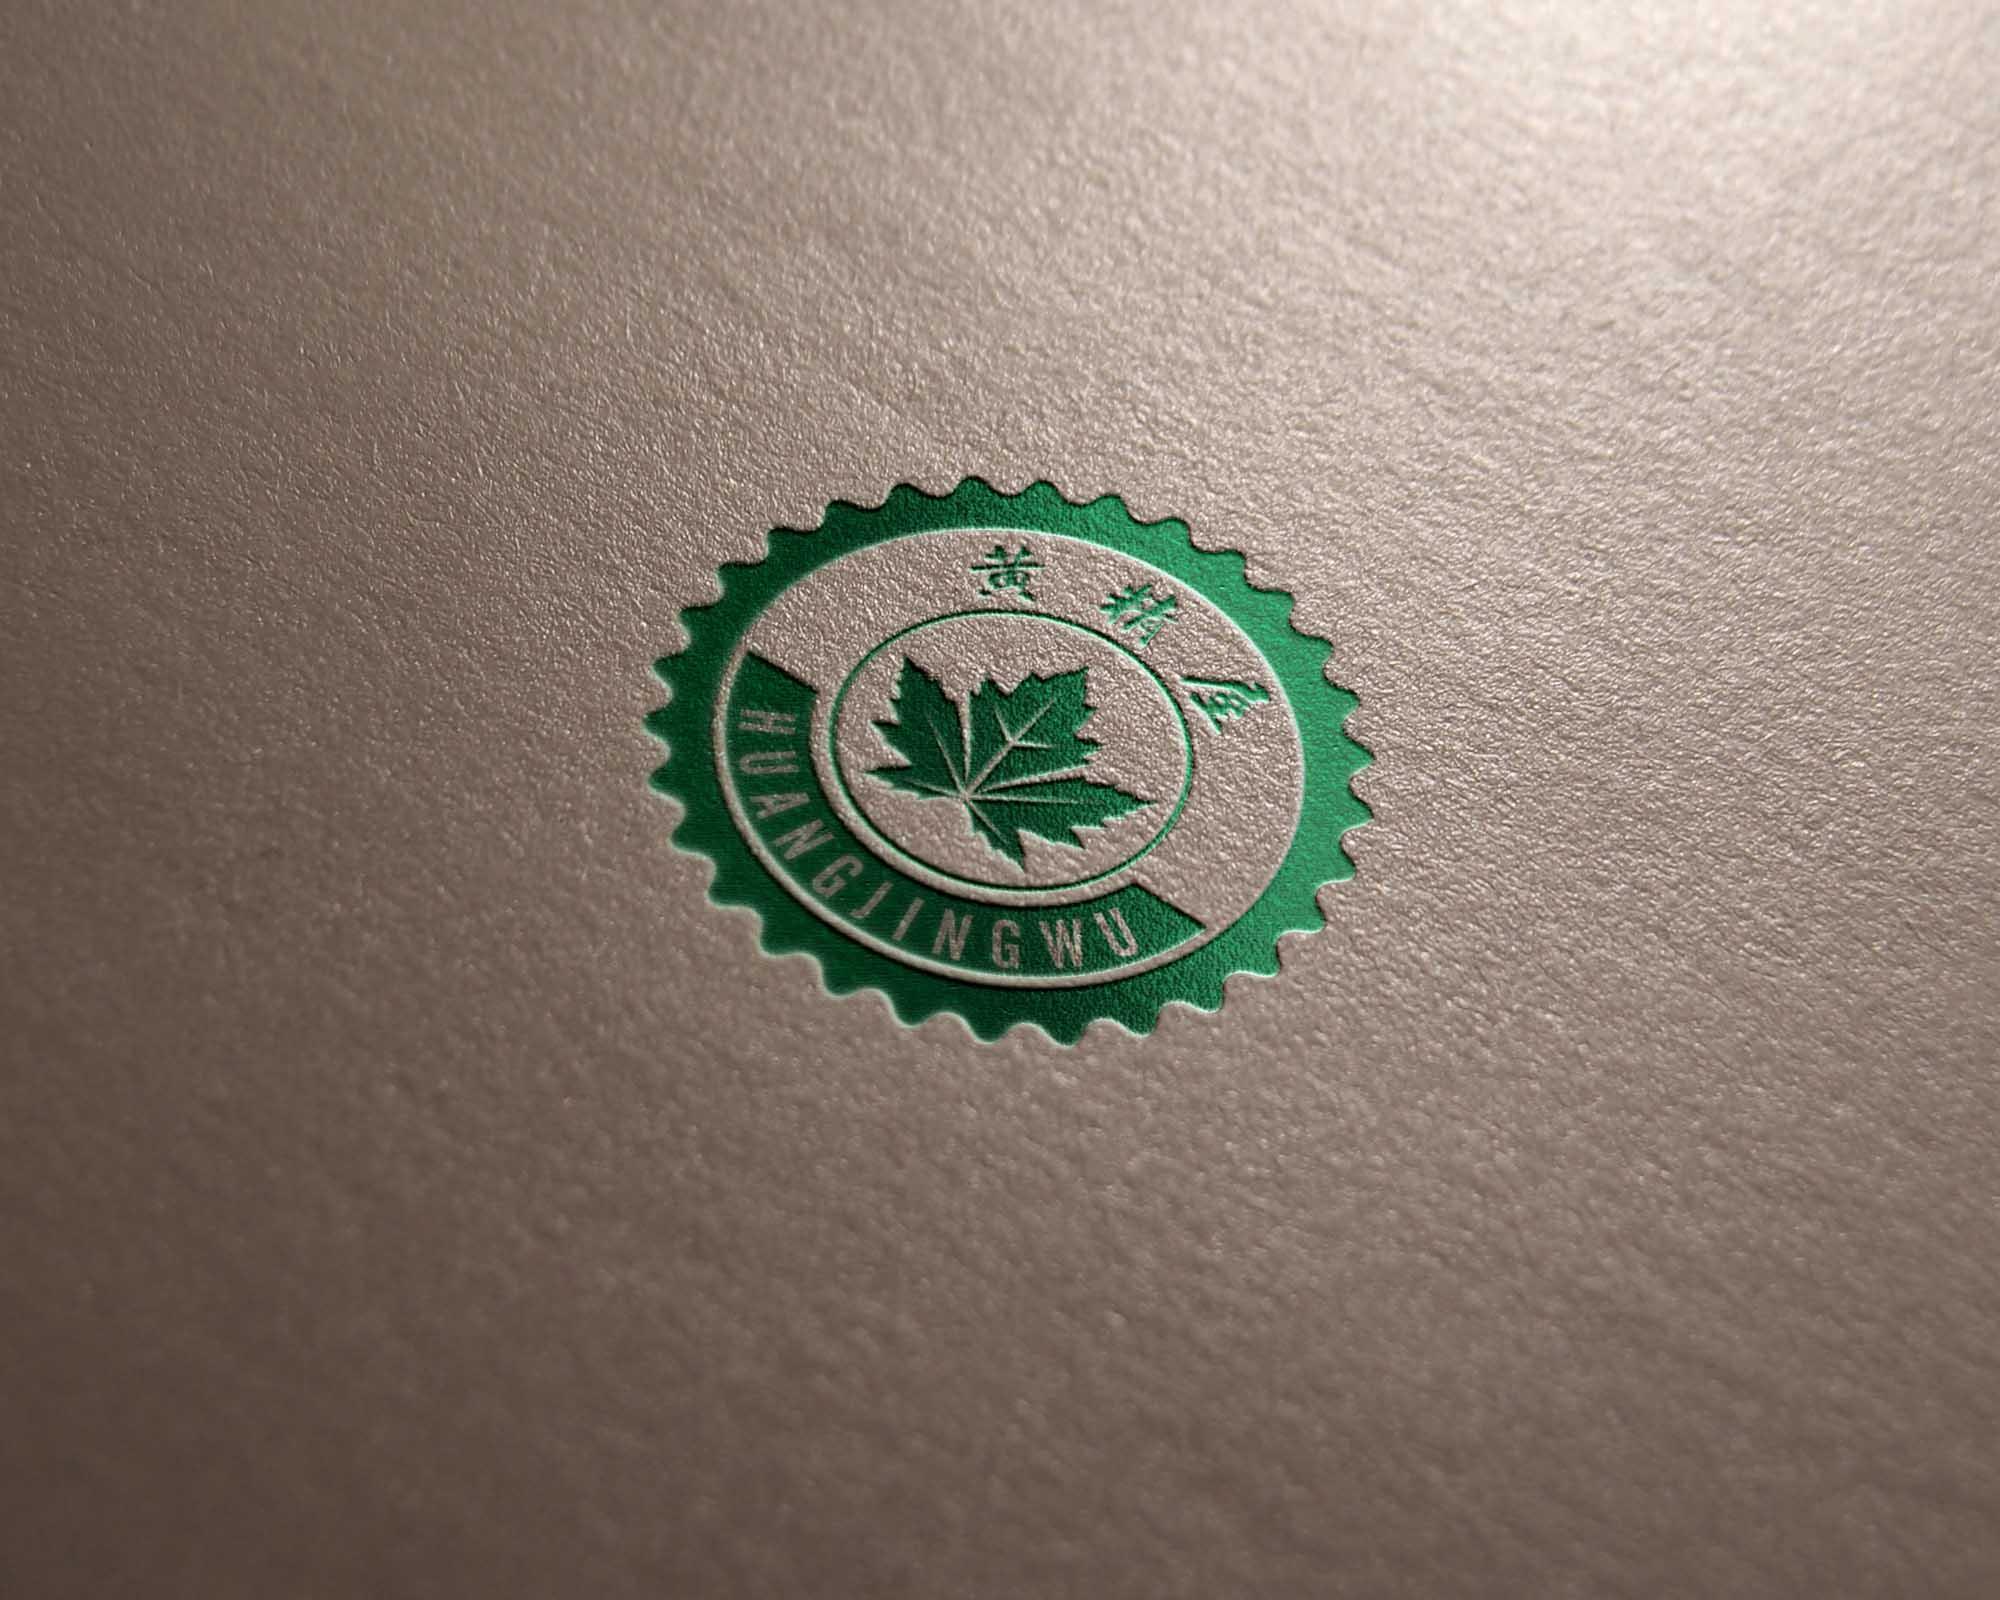 黄精屋 logo设计_2964873_k68威客网